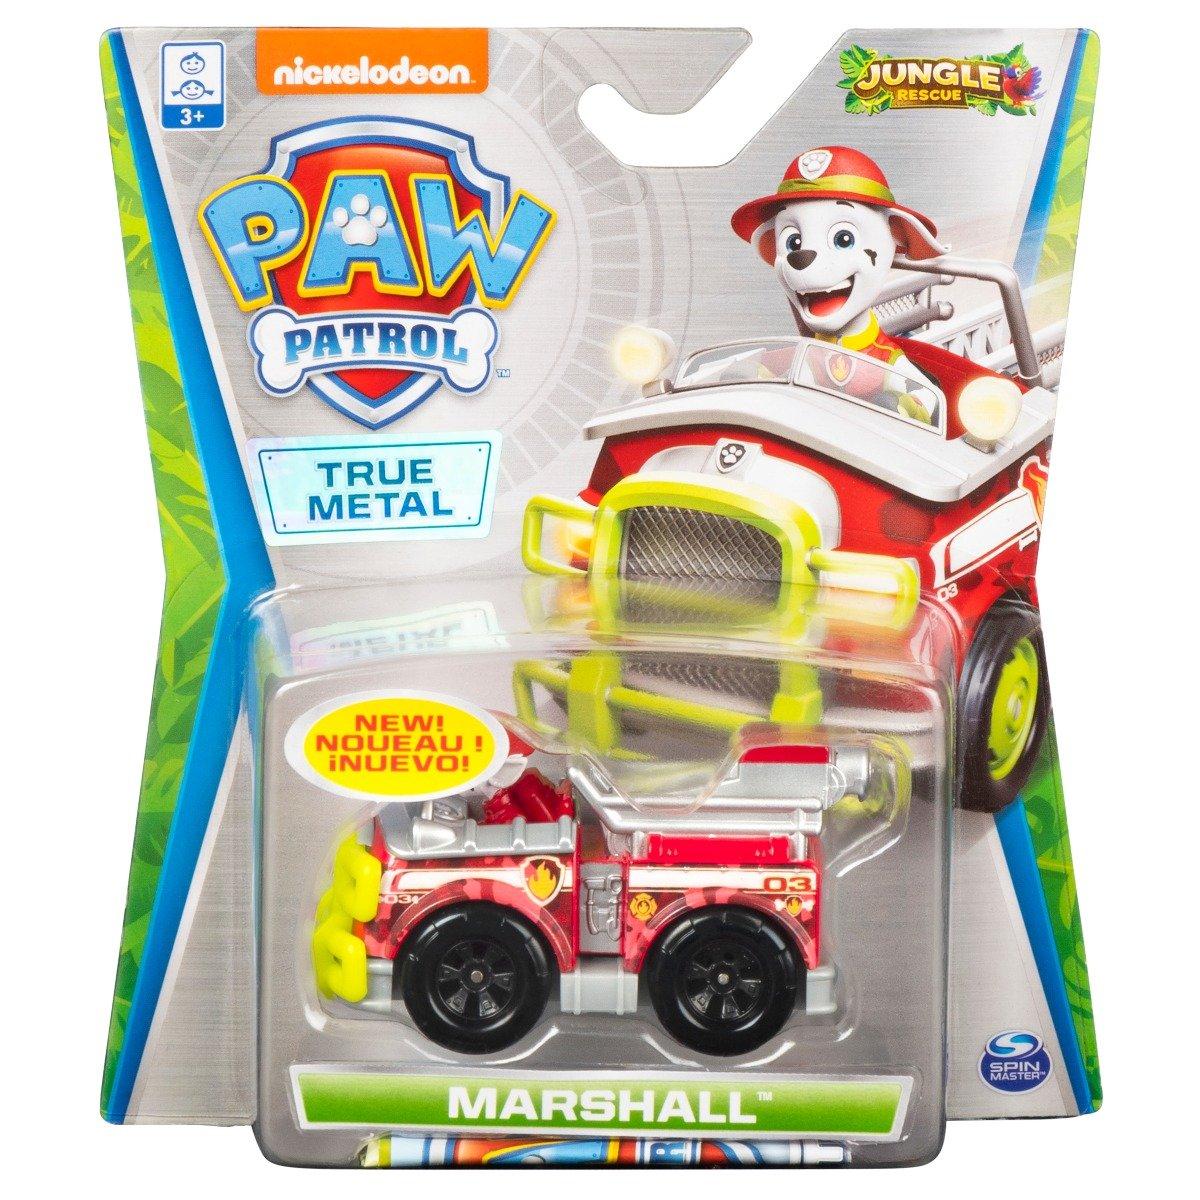 Masinuta cu figurina Paw Patrol True Metal, Marshall 20121337